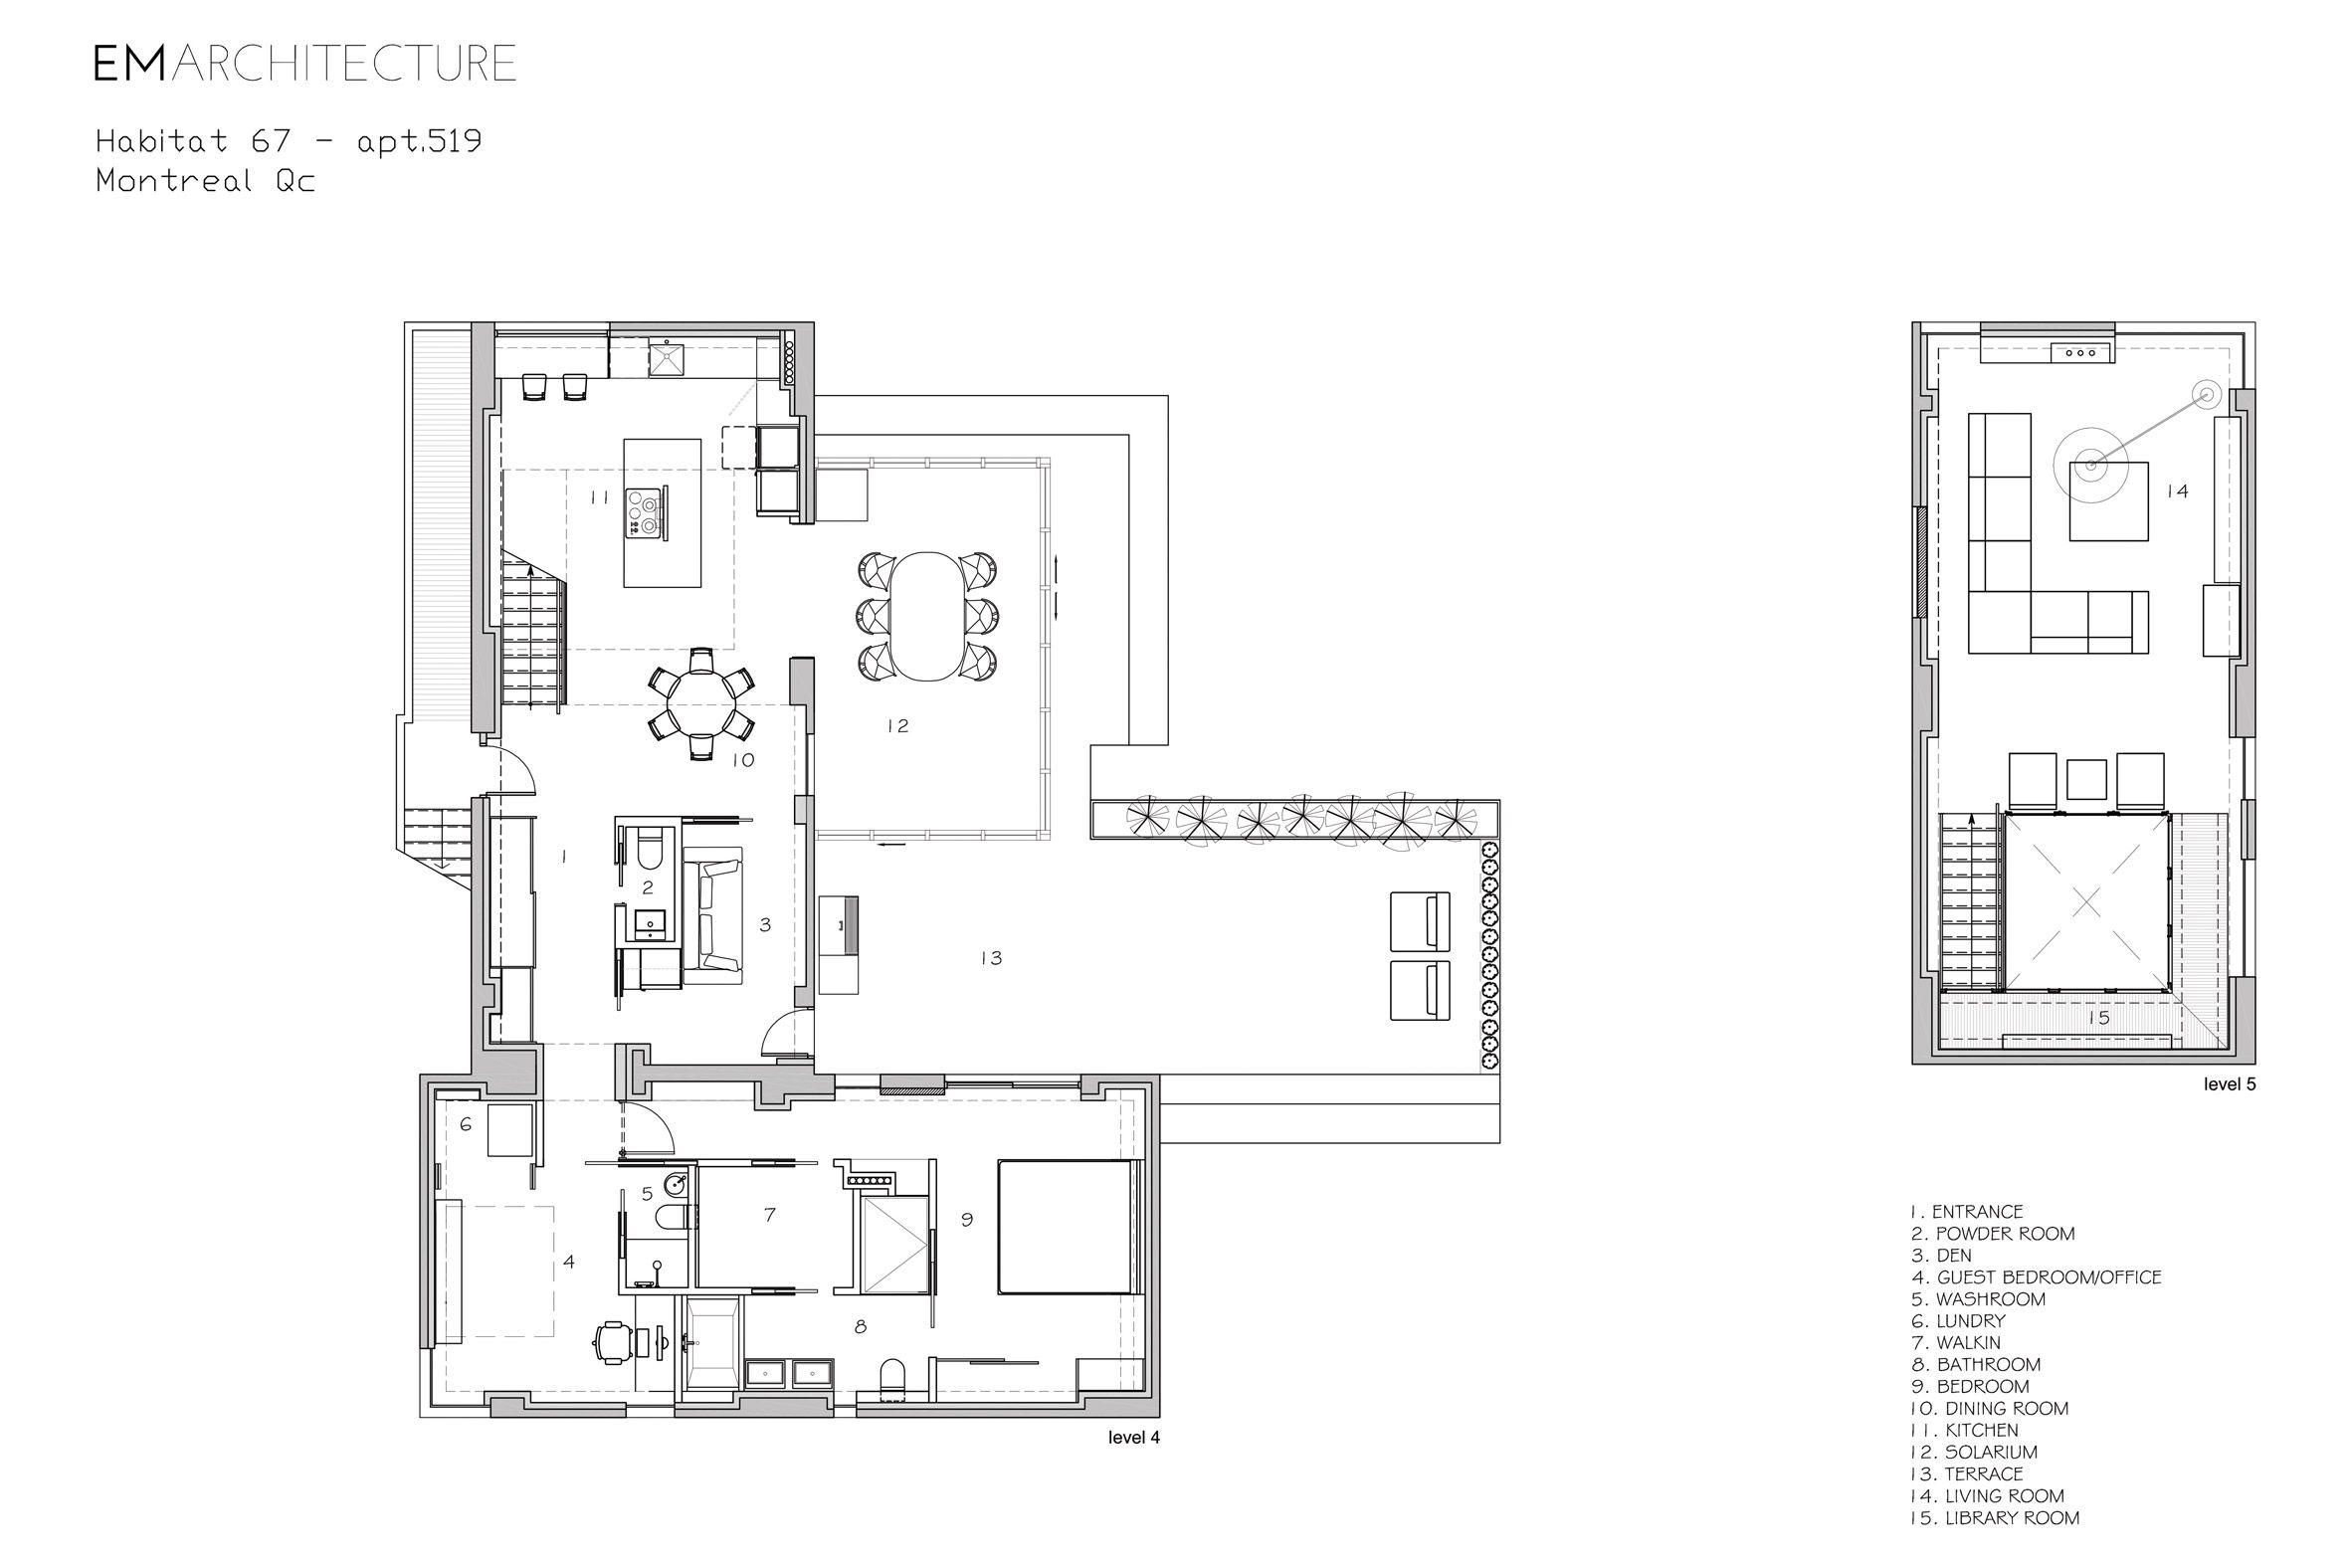 Remodelacion De Unidad 519 Complejo Residencial Habitat 67 Montreal Canada Estructura Original Safdie Architects Remodela Redesign Habitats Moshe Safdie